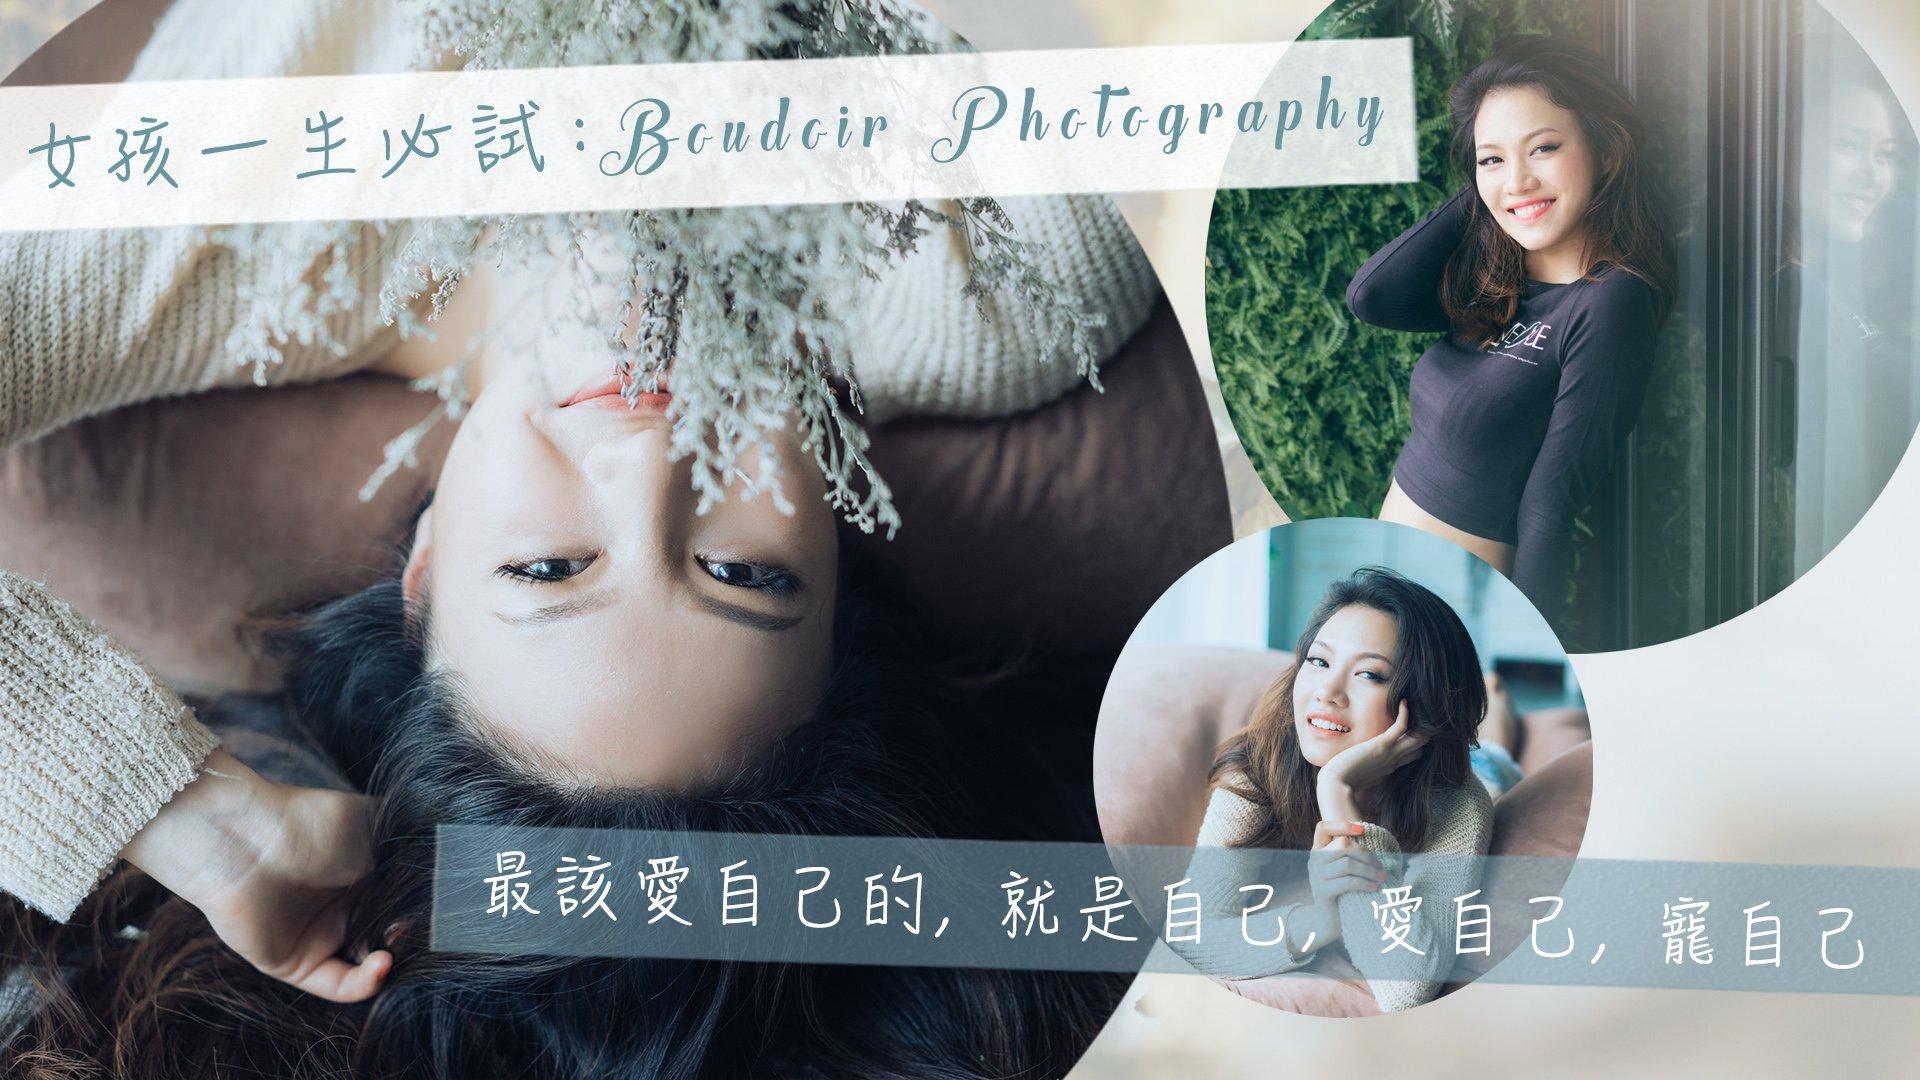 最該愛自己的, 就是自己, 愛自己, 寵自己 | 閨房攝影 | Boudoir photography